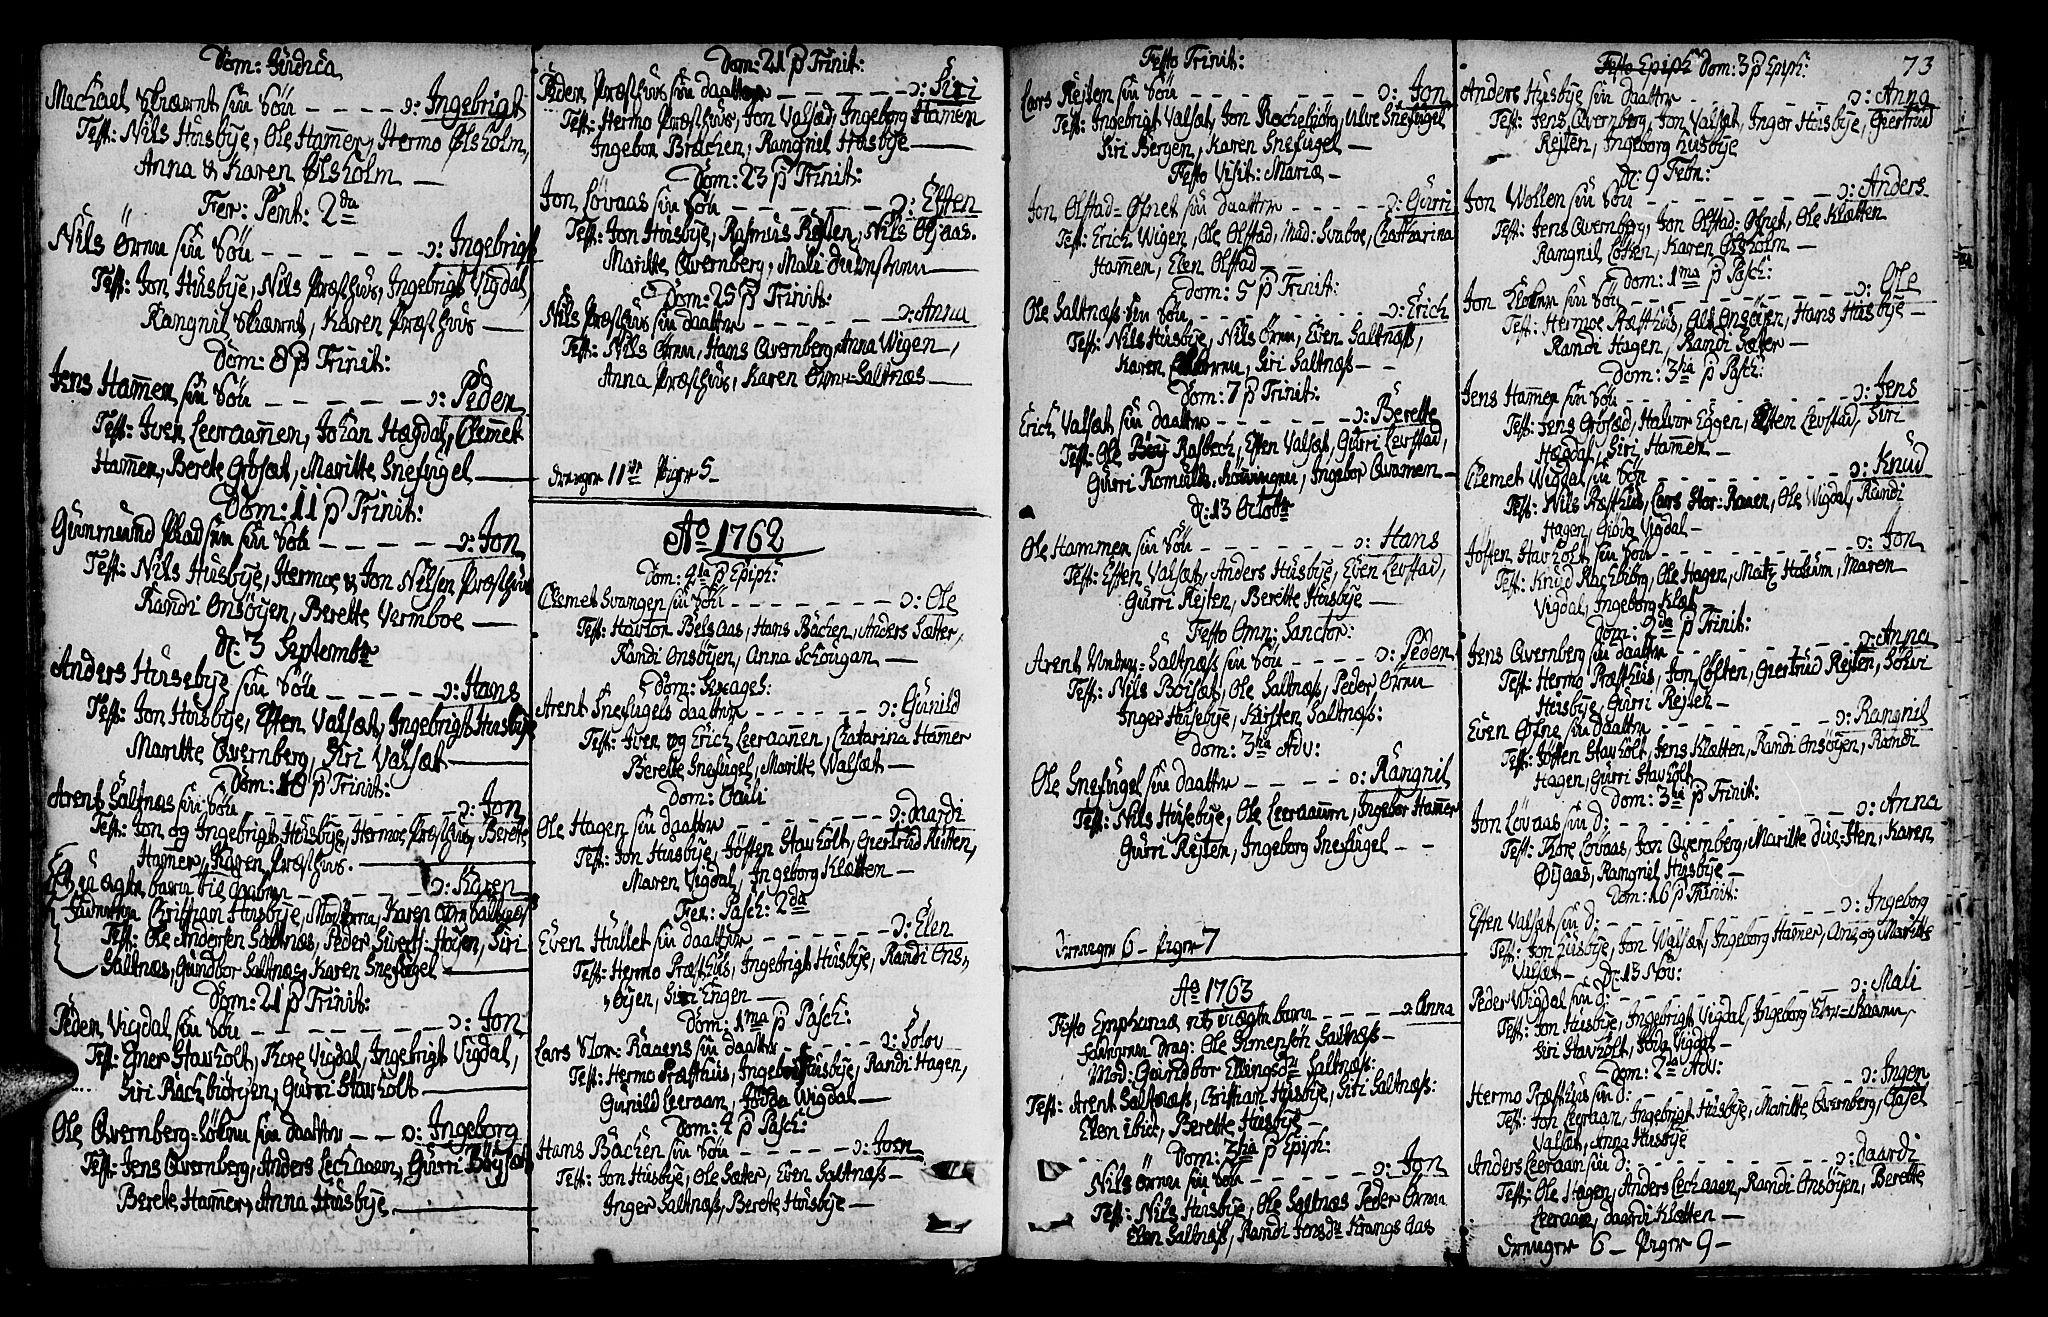 SAT, Ministerialprotokoller, klokkerbøker og fødselsregistre - Sør-Trøndelag, 666/L0784: Ministerialbok nr. 666A02, 1754-1802, s. 73